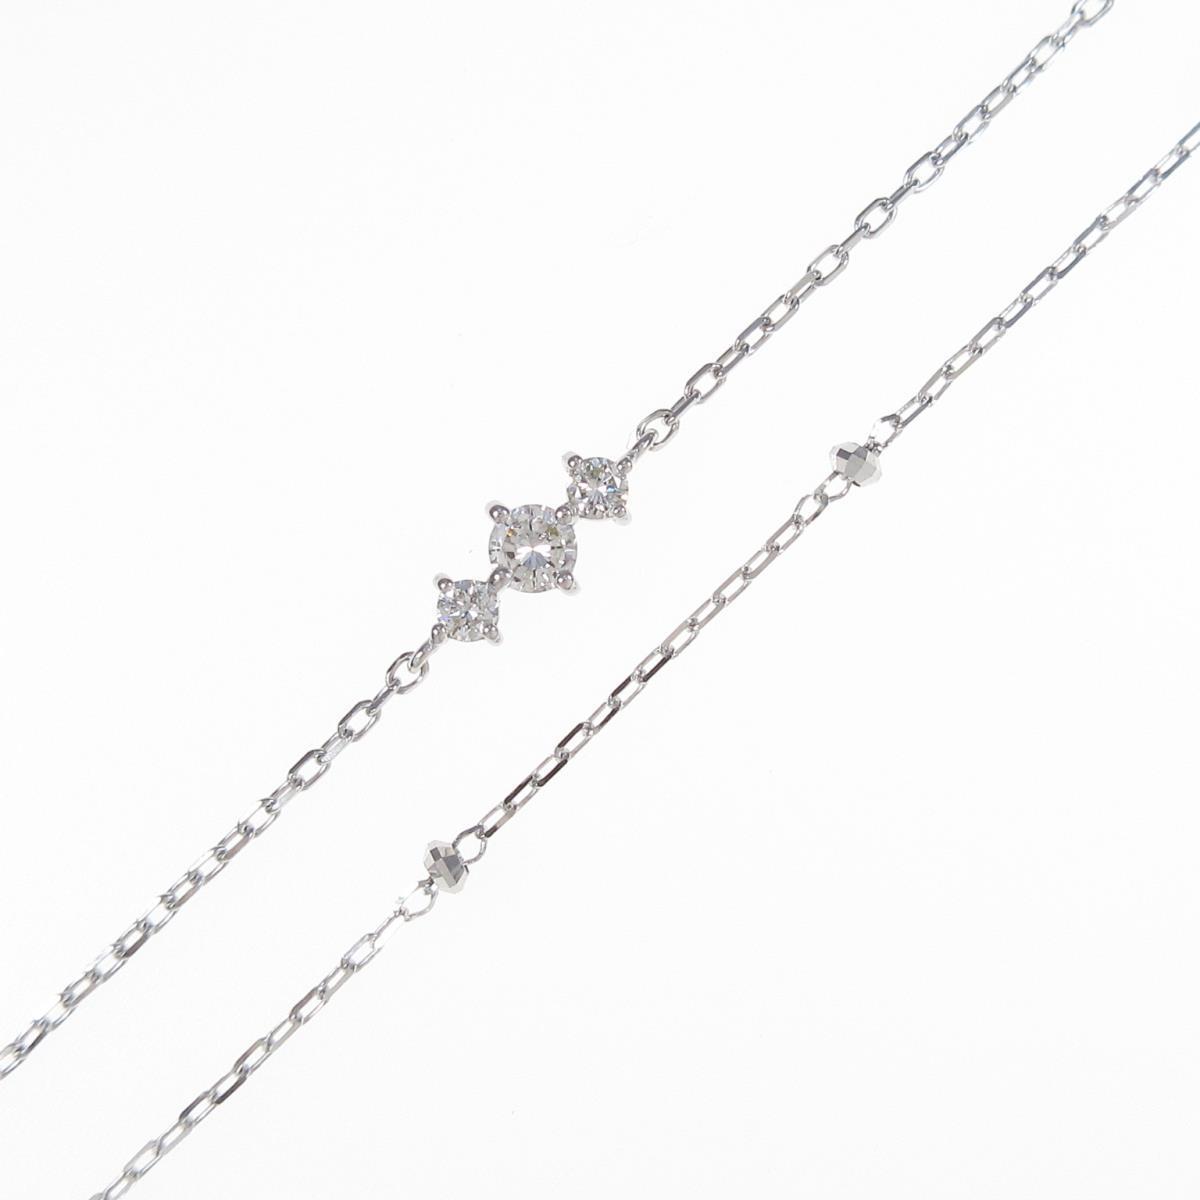 【リメイク】K18WG ダイヤモンドブレスレット【中古】